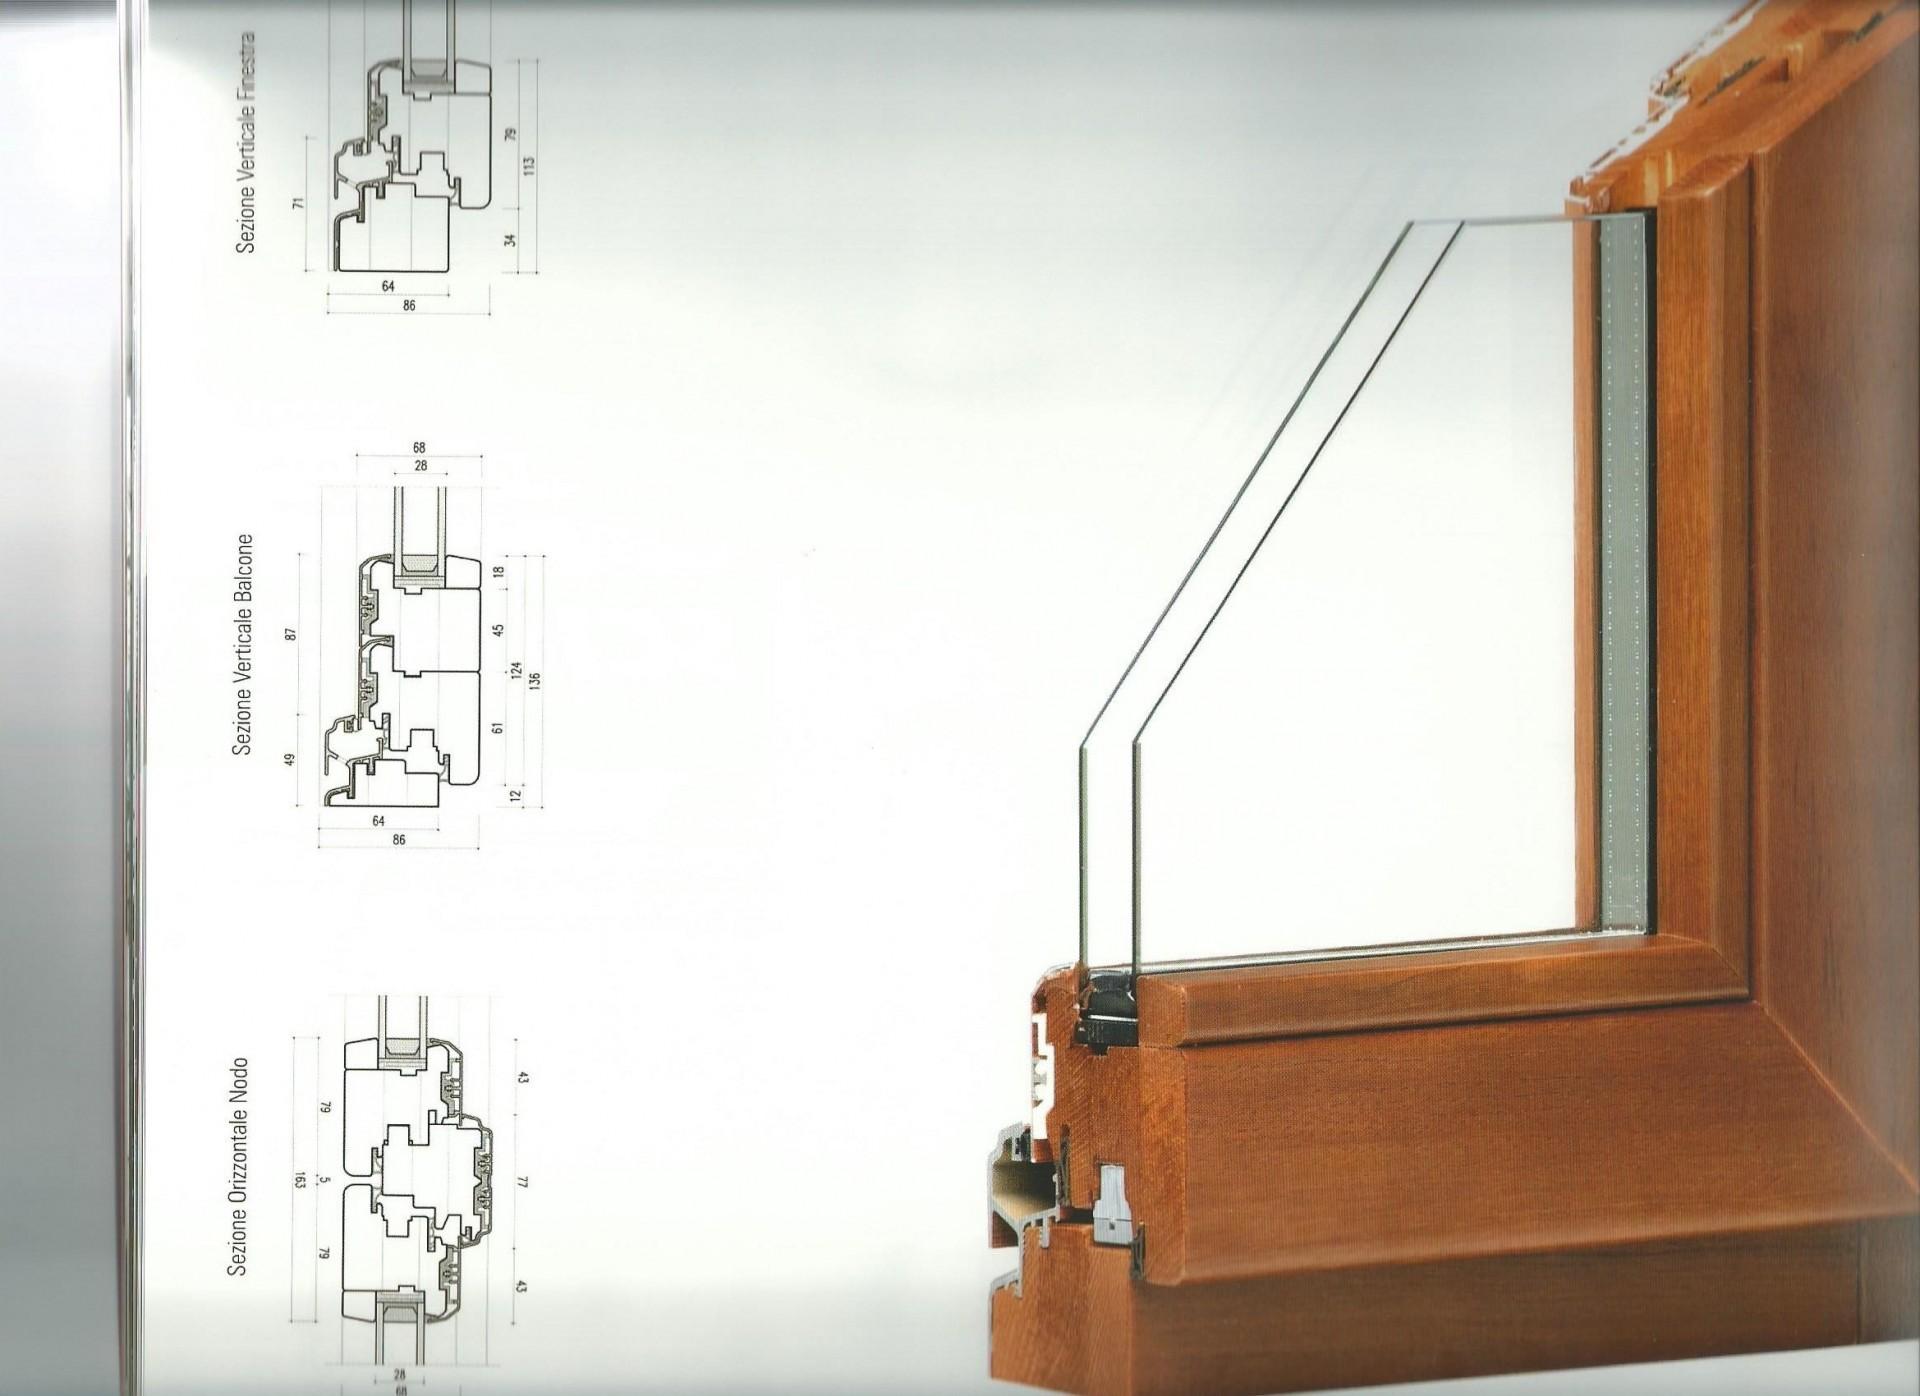 Serramenti e infissi in pvc legno e alluminio verona infix for Infissi pvc legno